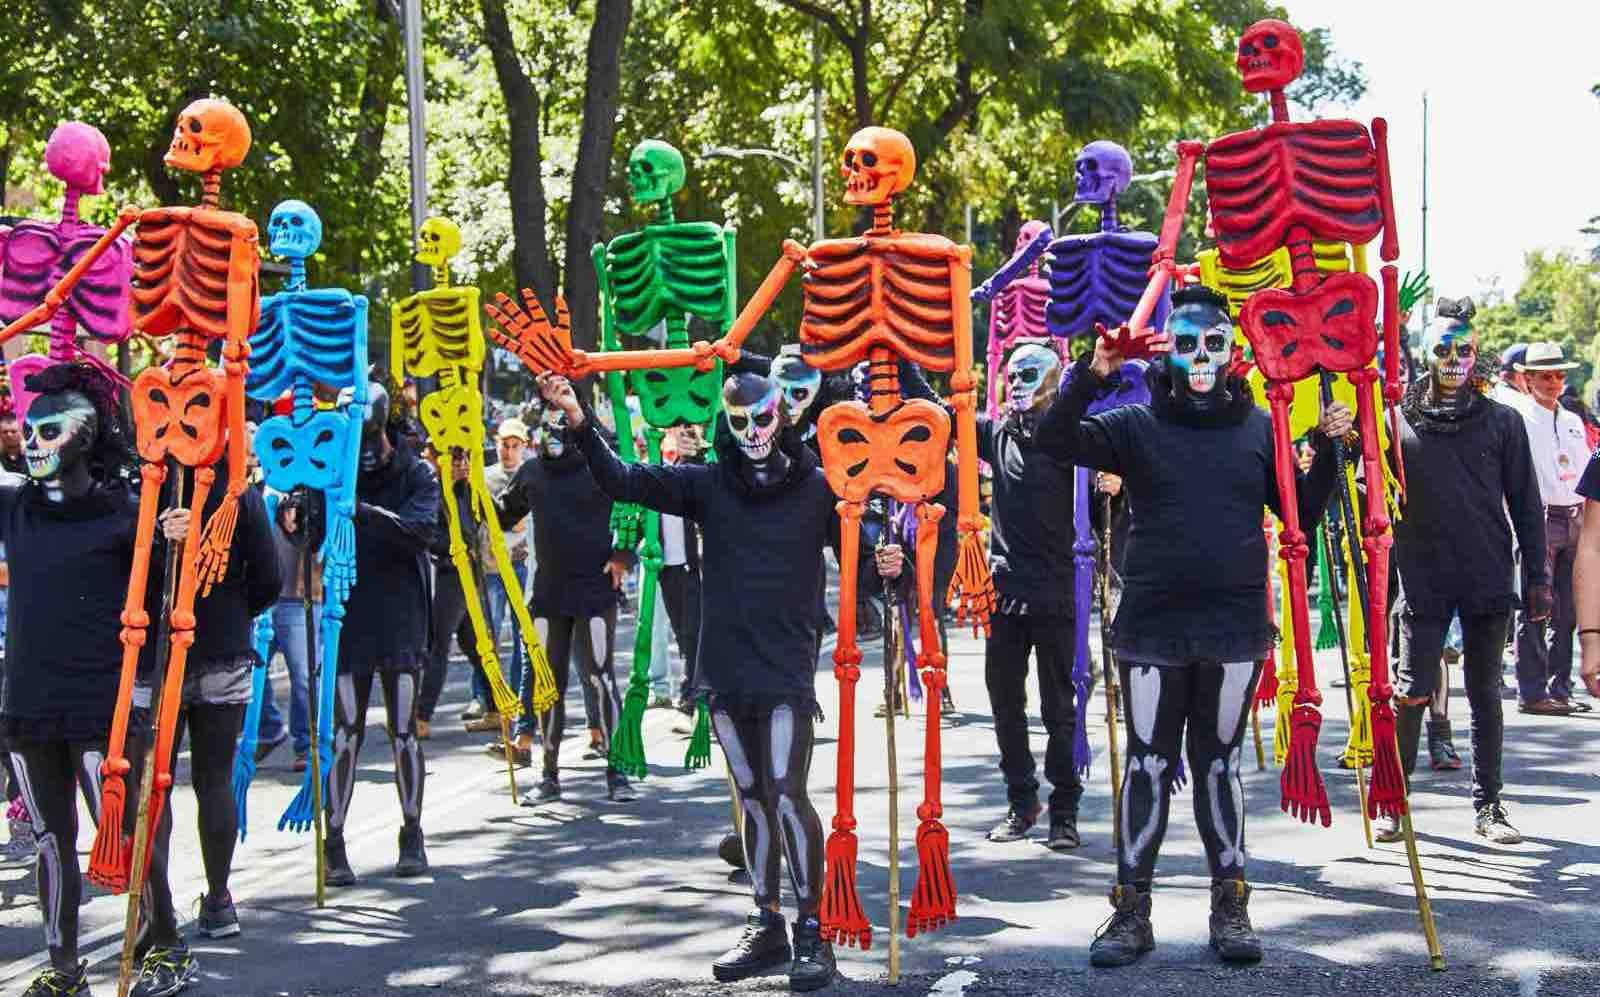 Parade in Mexico City with La Catrina